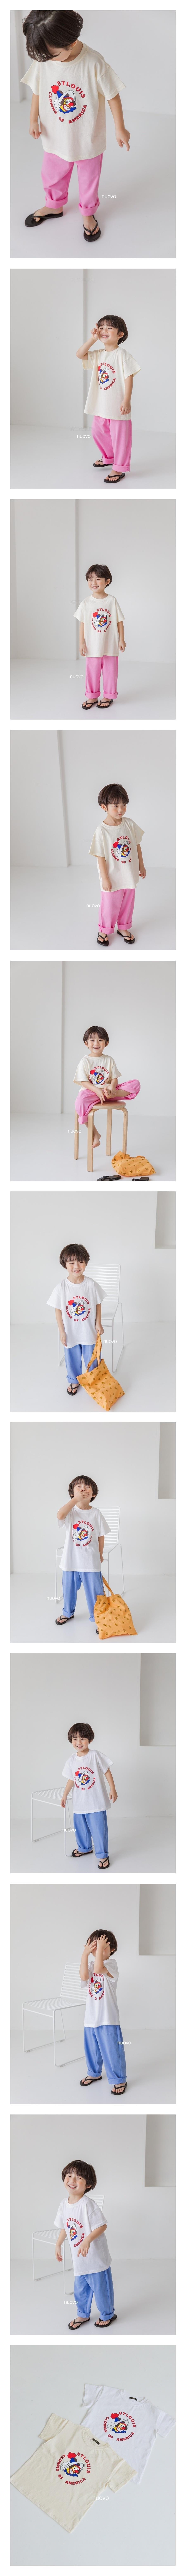 NUOVO - Korean Children Fashion - #Kfashion4kids - Pierrot Tee